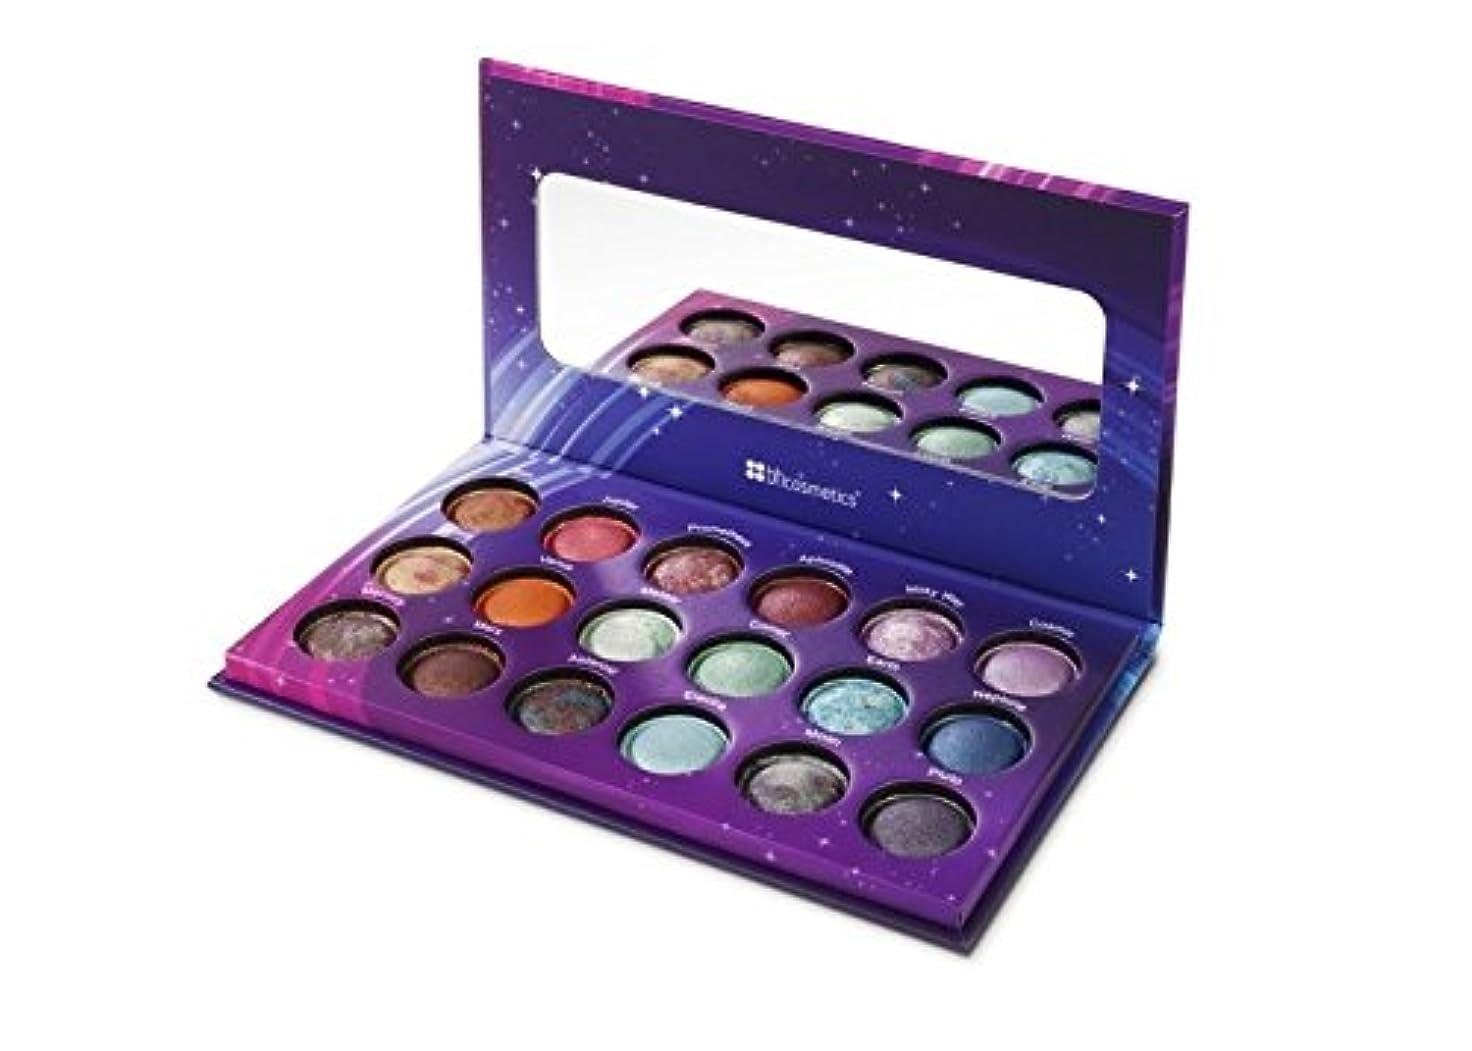 シャベル生態学作るBH Cosmetics Galaxy Chic Baked Eyeshadow Palette 18 Colors (並行輸入品)